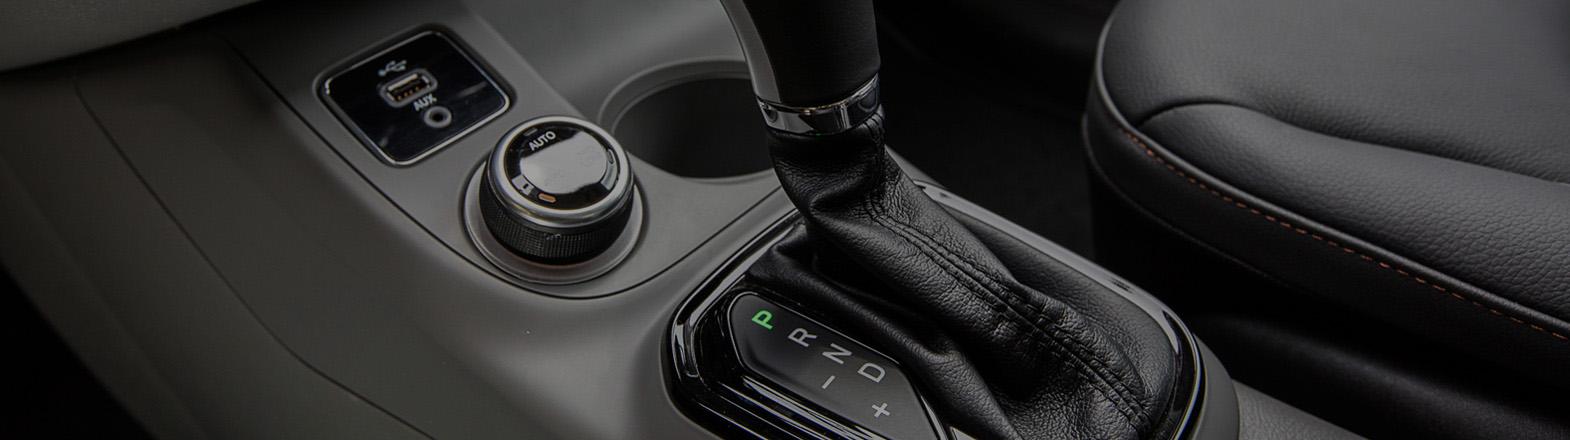 bg-carro-automatico